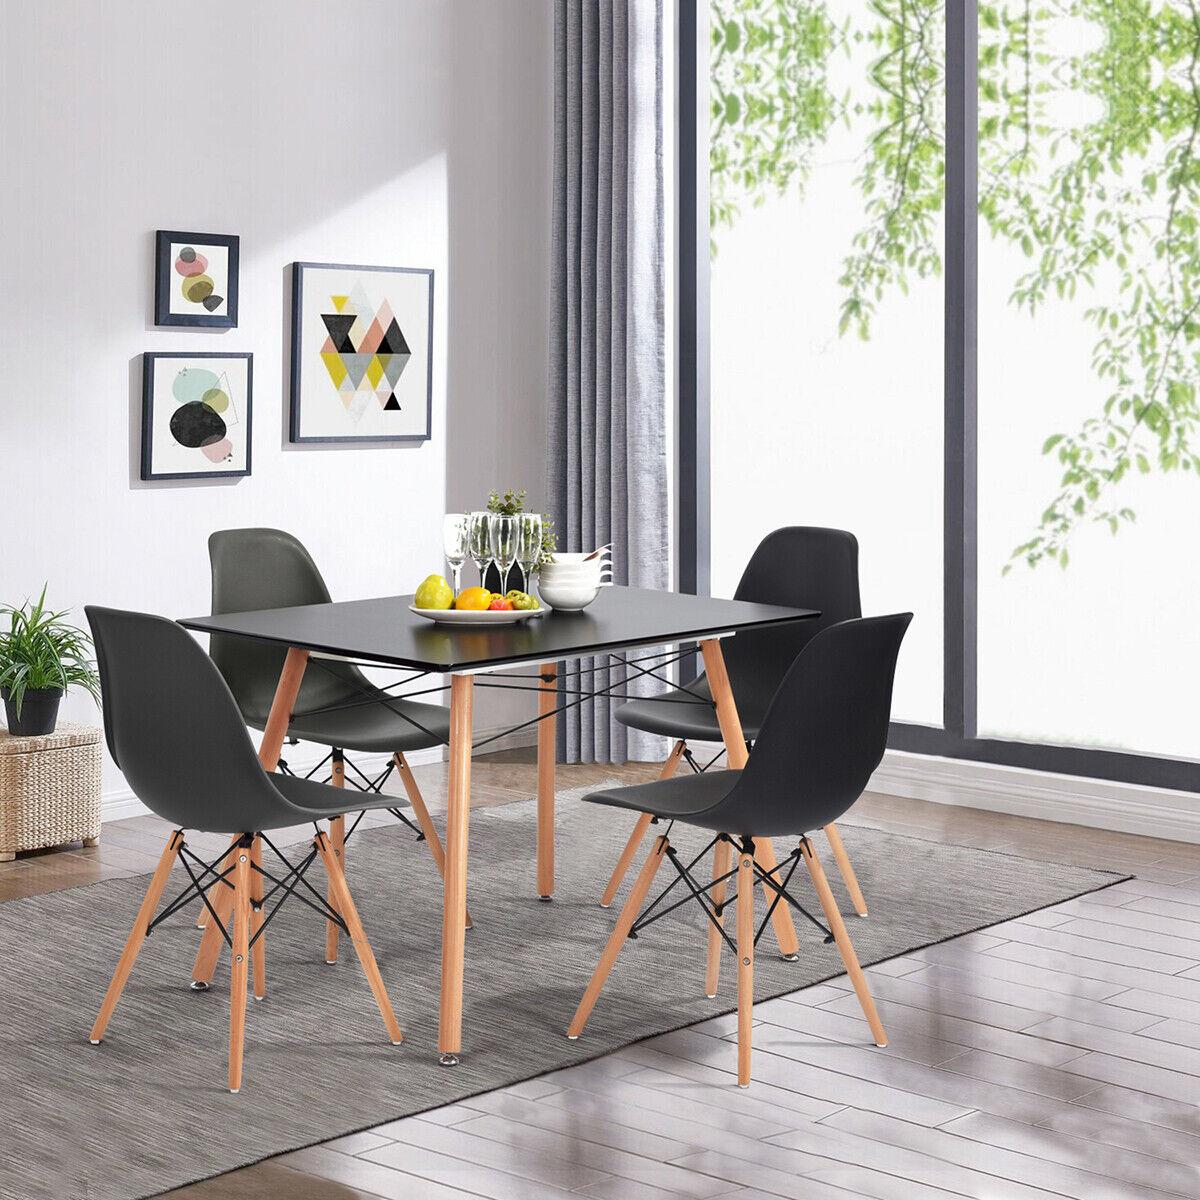 Orren Ellis Camron Modern Wood Top Dining Table For Sale Online Ebay